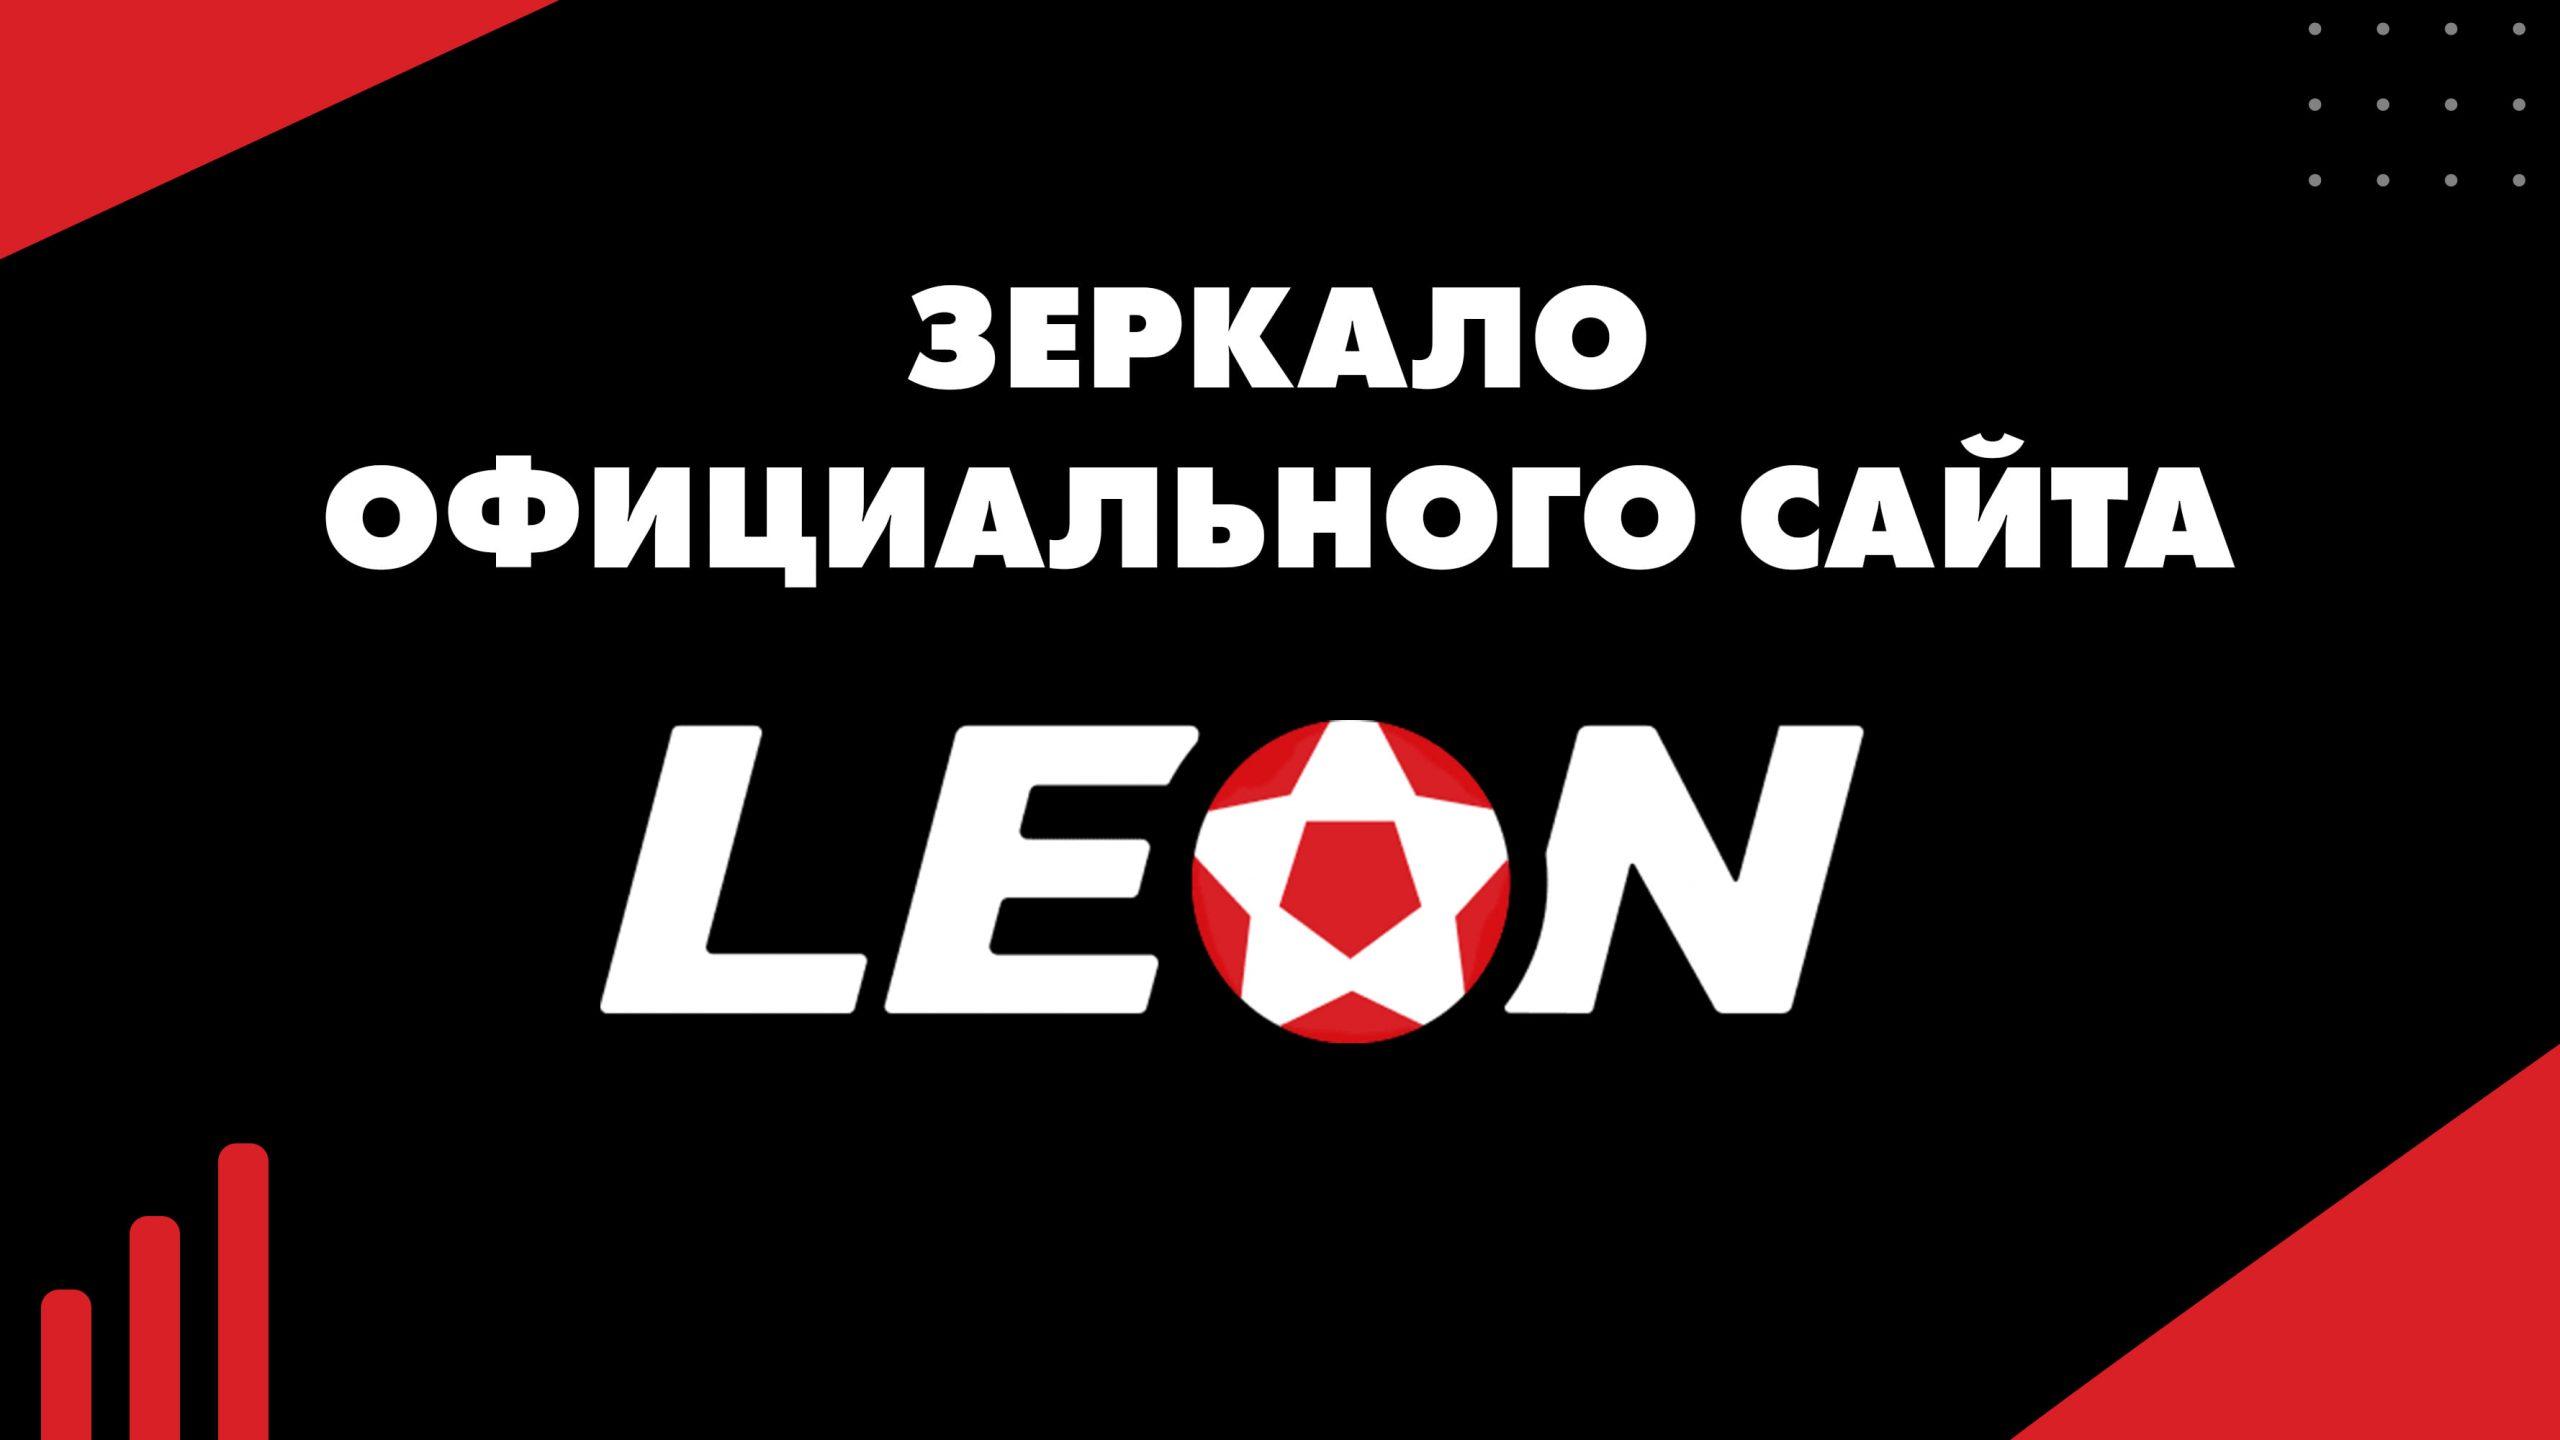 Зеркало официального сайта ЛеонБетс